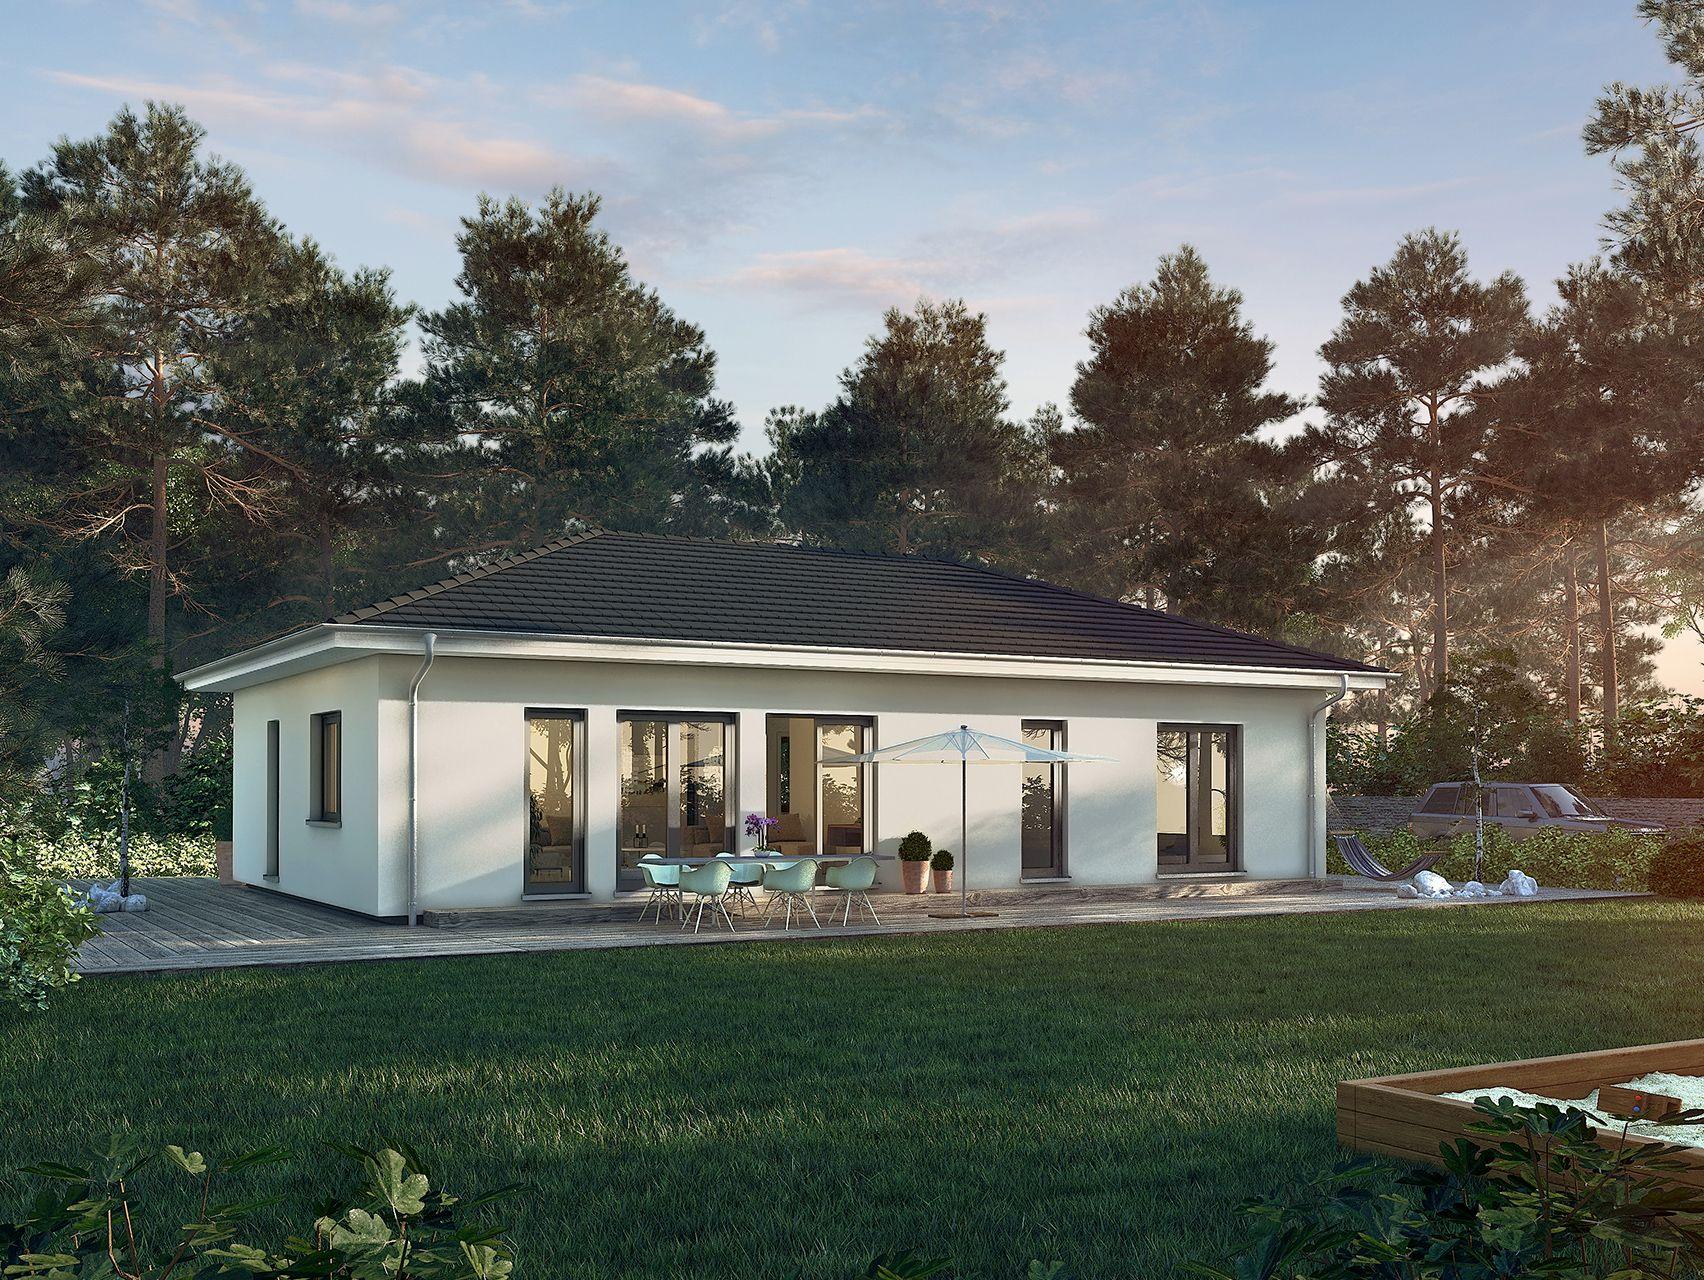 fertighaus traumhaus sch nerwohnen eigenheim musterhaus architektur architecture modern. Black Bedroom Furniture Sets. Home Design Ideas